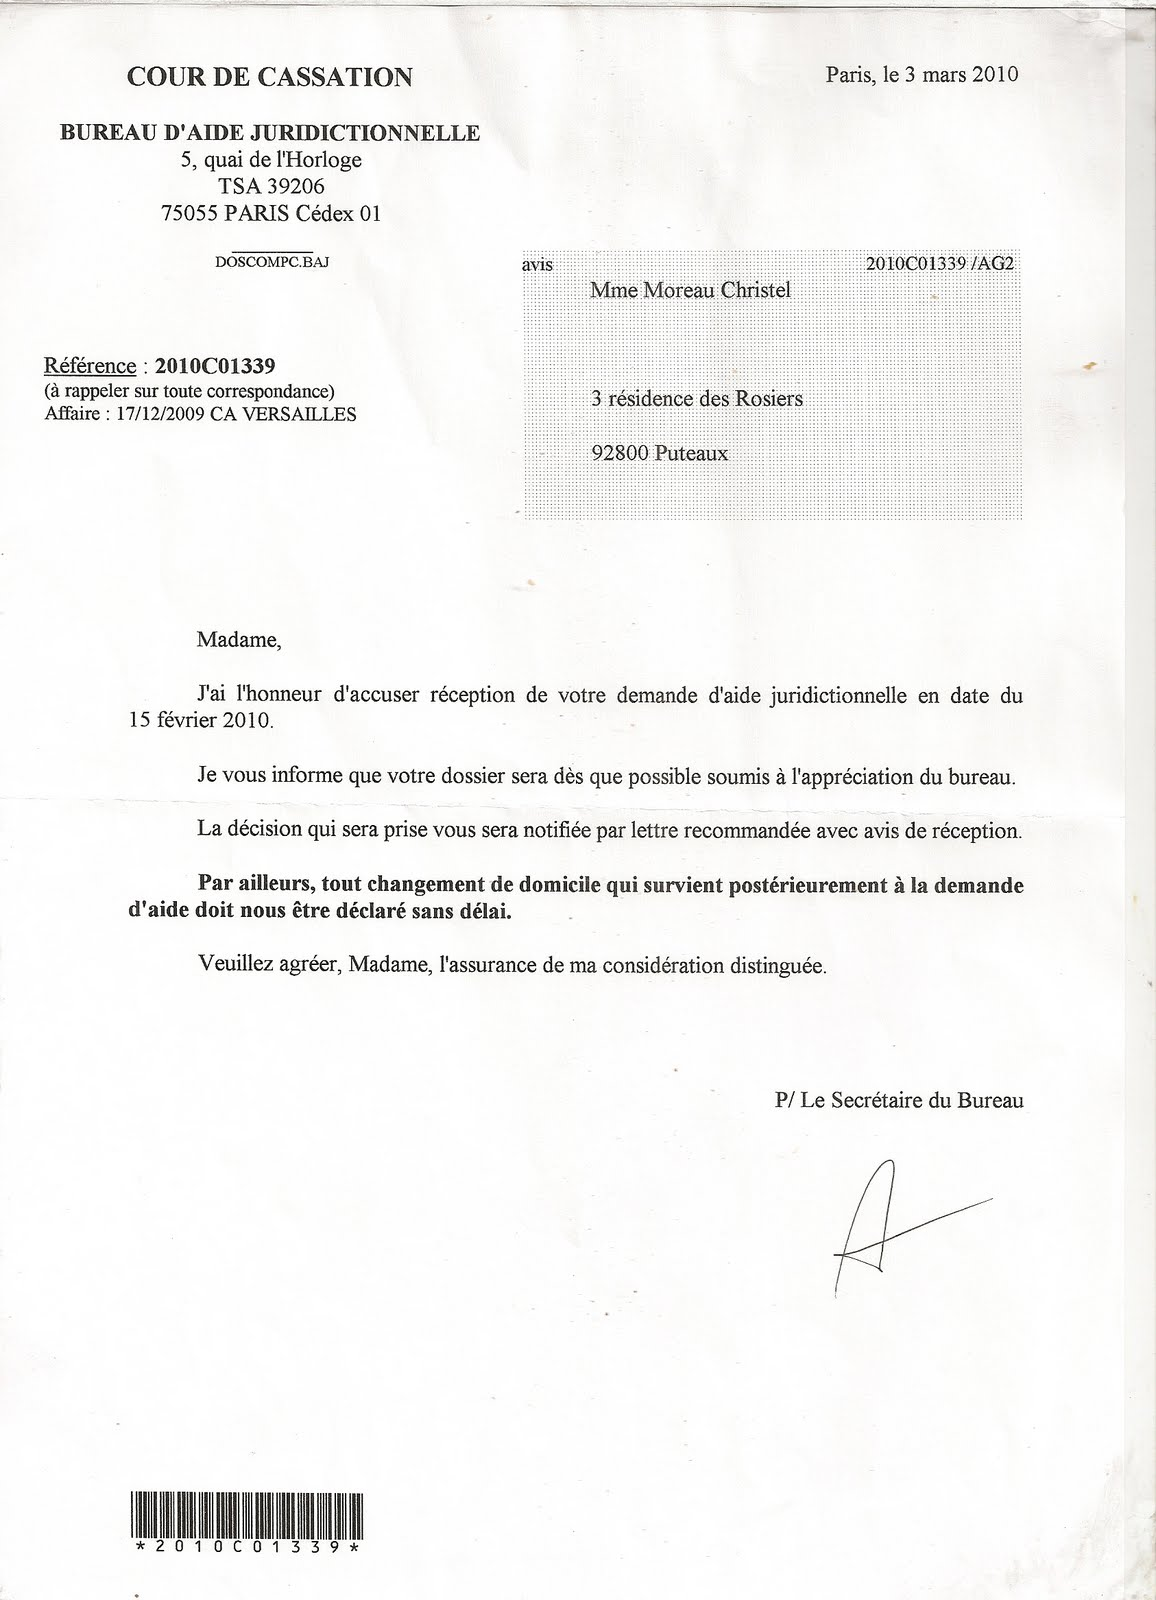 modele de lettre main courante Soutiens Des parents .S.E.F.C.A. Europe: affaire lorentz contre le  modele de lettre main courante